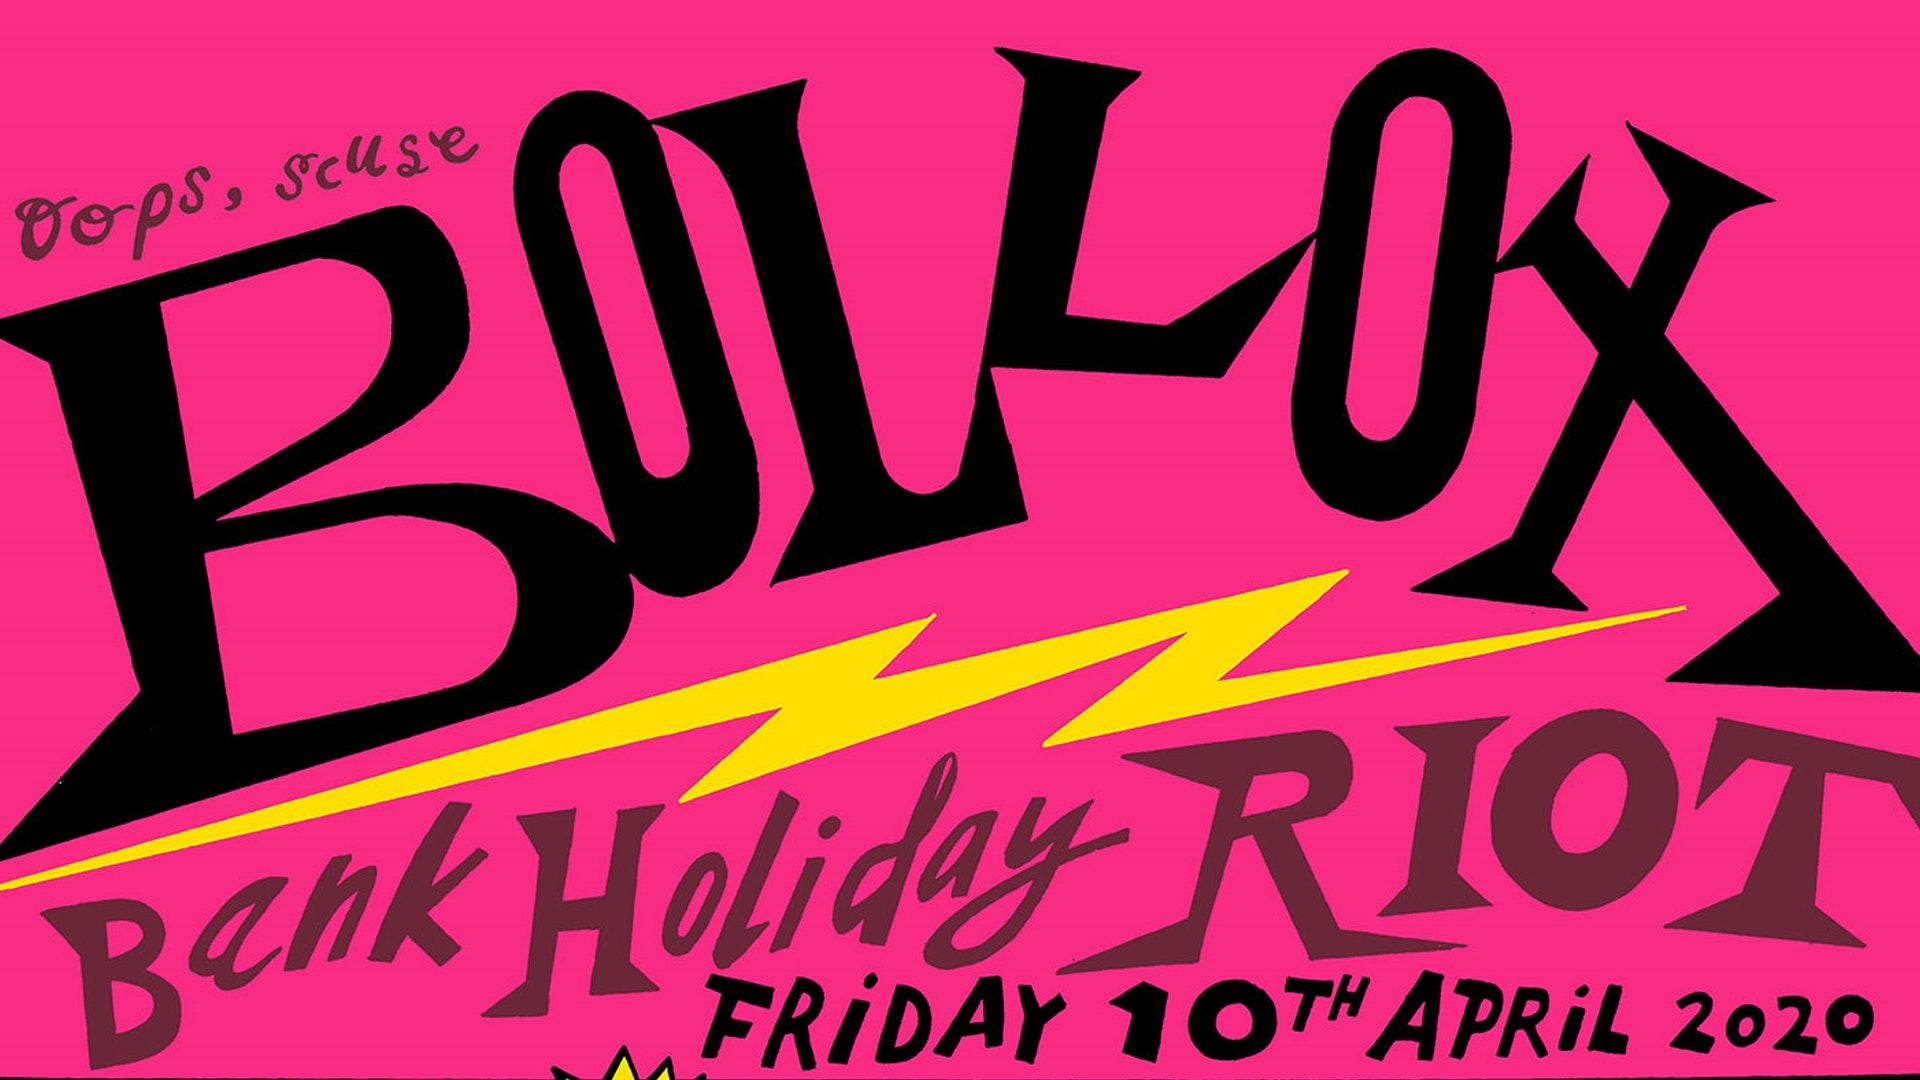 Bollox Bank Holiday Riot